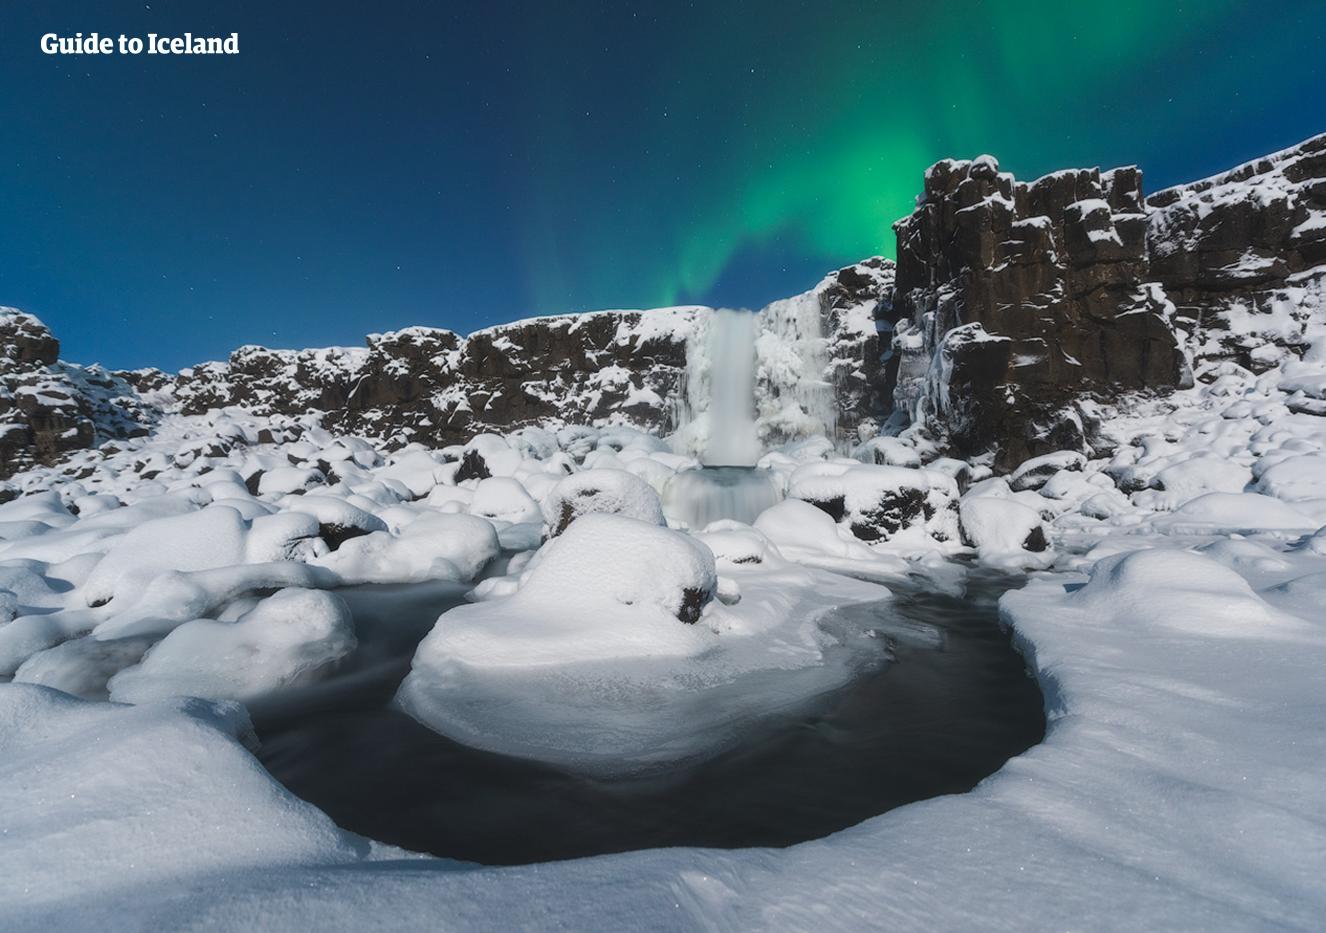 Öxarárfoss瀑布位于冰岛黄金圈三大景区:辛格维利尔国家公园中